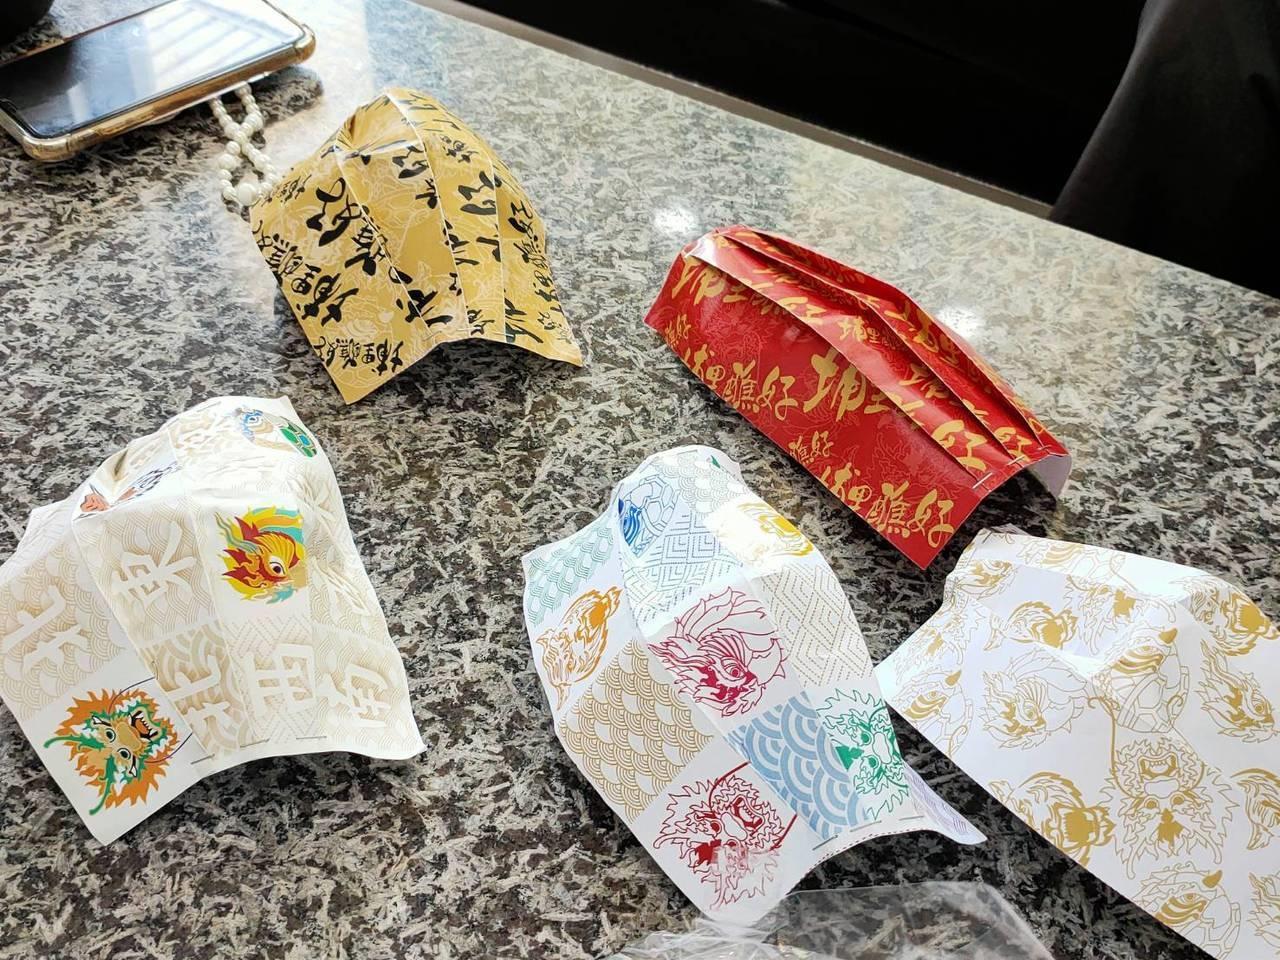 南投縣埔里鎮庚子年祈安清醮法會開發「埔里醮好」神獸口罩今起限量發送。圖/埔里鎮公所提供